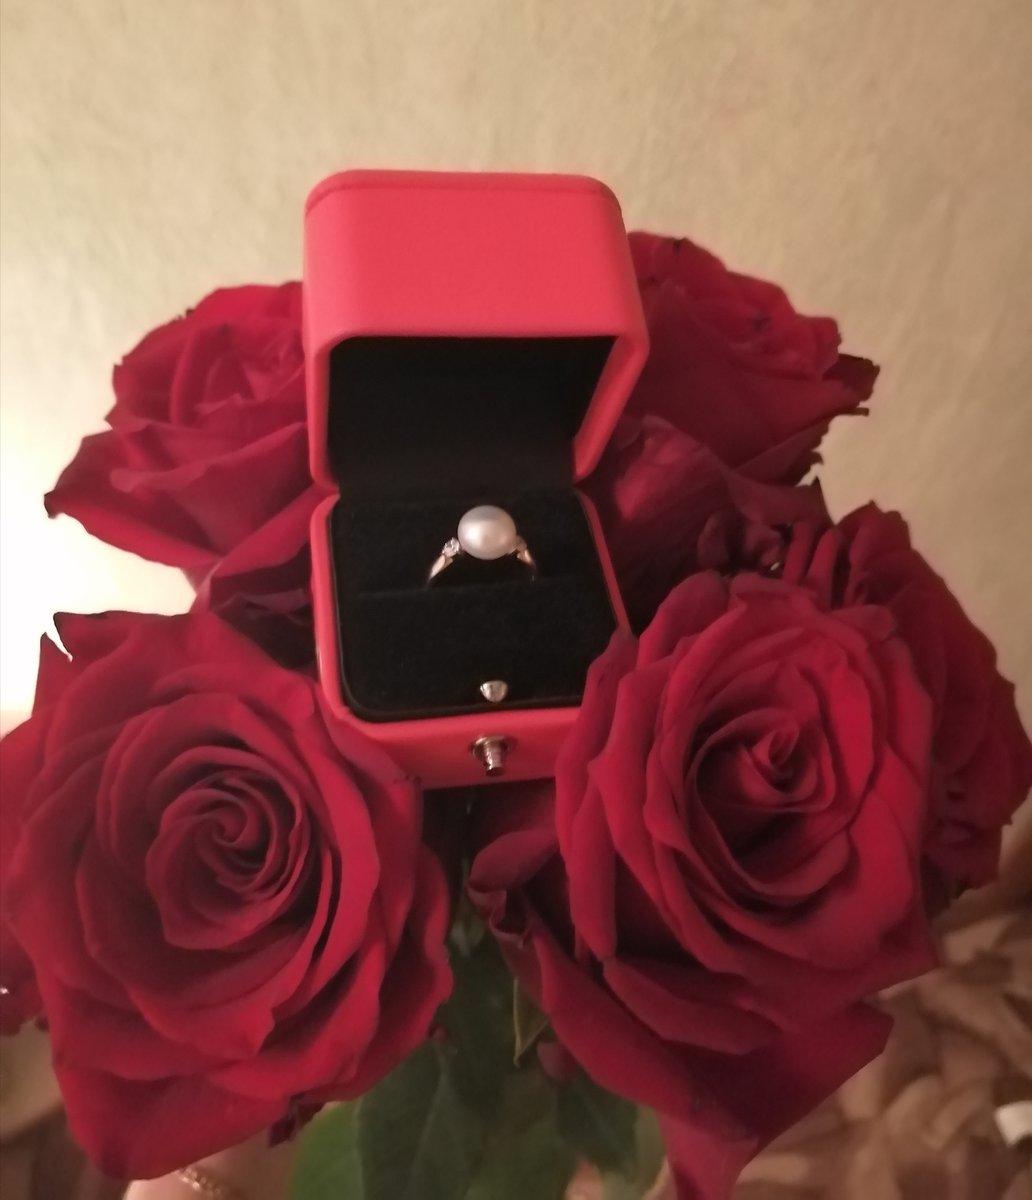 Дополнение к серьгам, подарок к годовщине свадьбы!